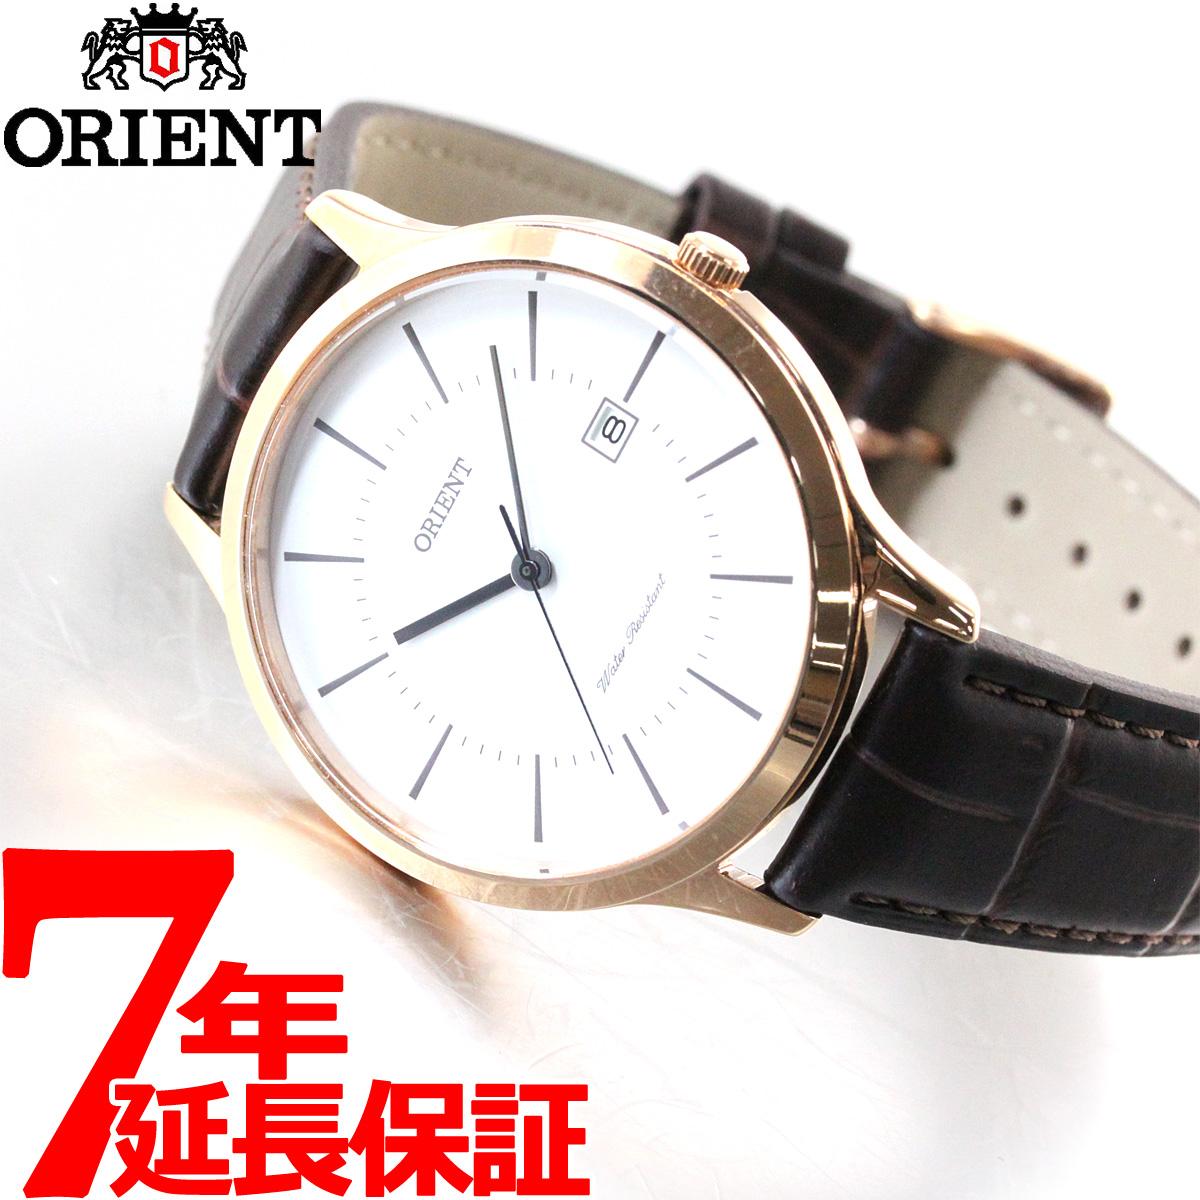 【5日0時~♪2000円OFFクーポン&店内ポイント最大51倍!5日23時59分まで】オリエント 腕時計 メンズ クオーツ 流通限定モデル ORIENT コンテンポラリー CONTEMPORARY RH-QD0001S